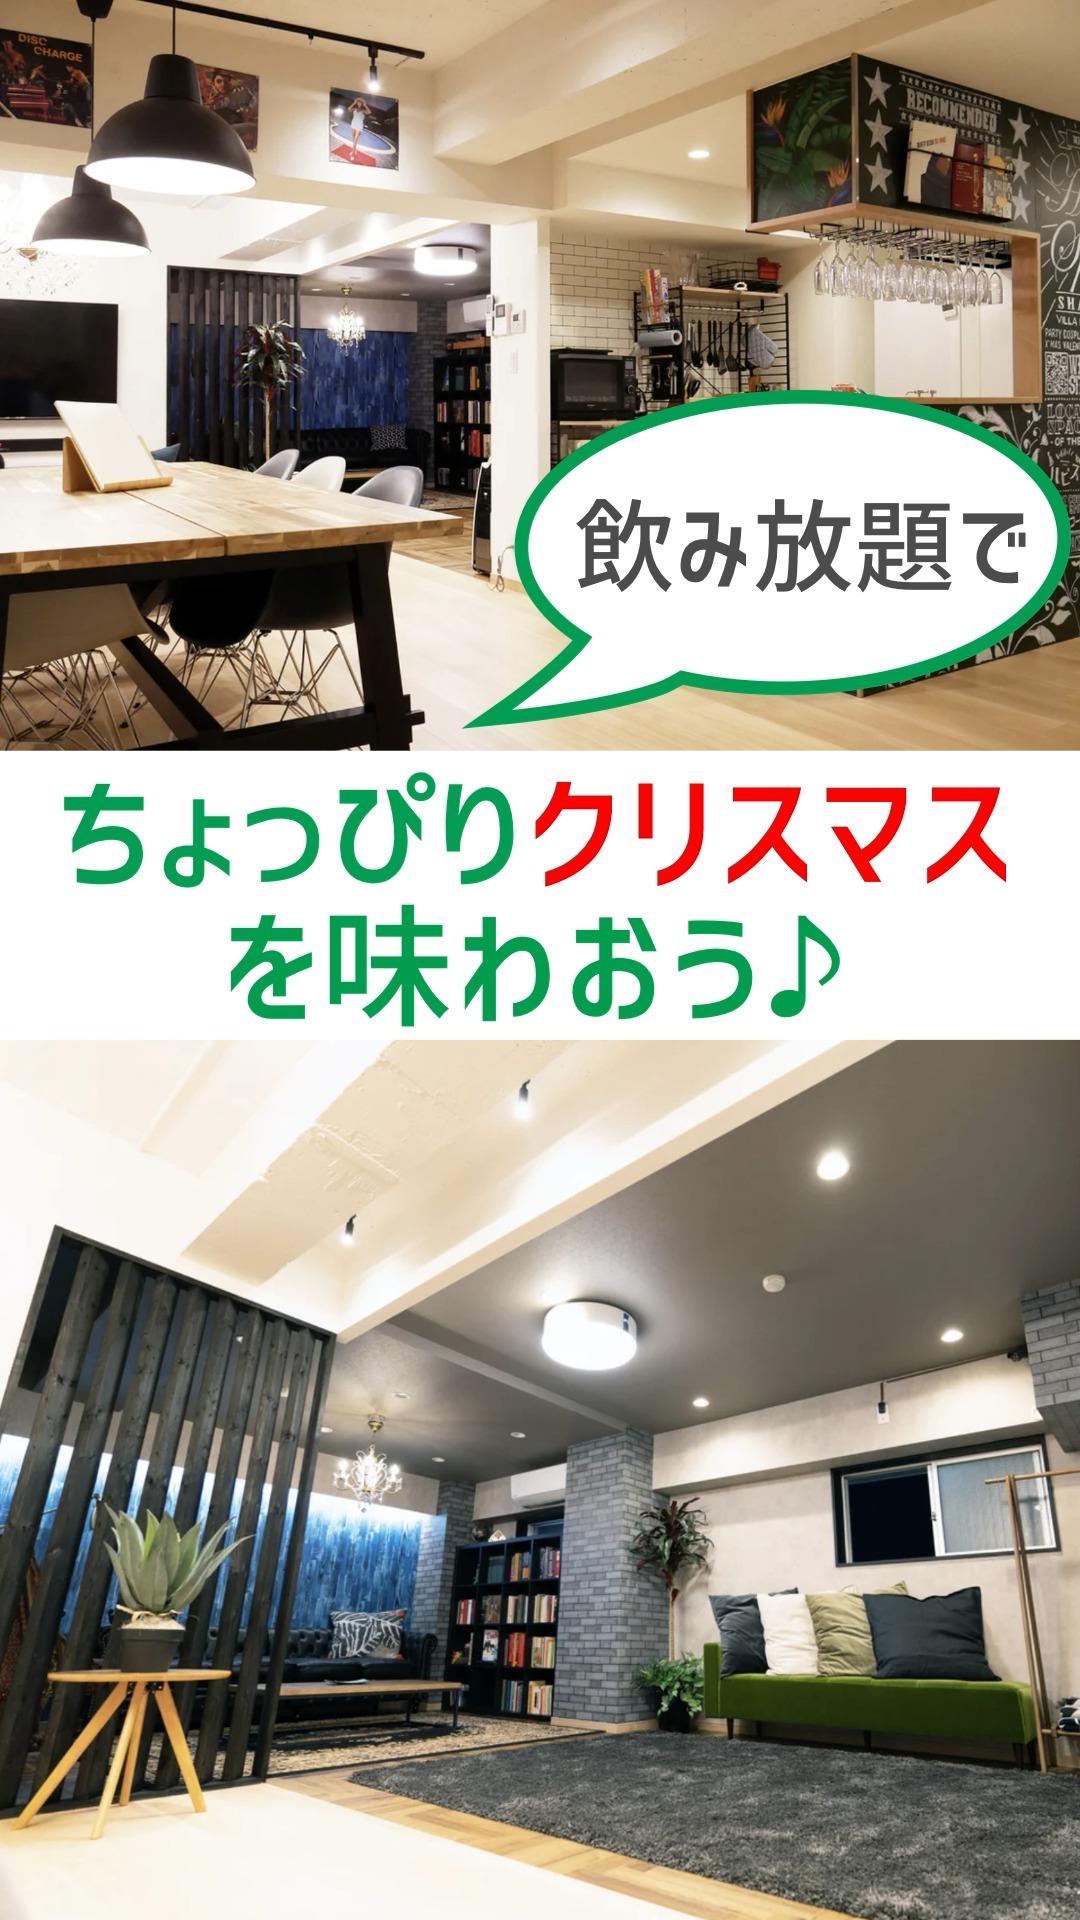 【新宿】プチクリスマスオフ会